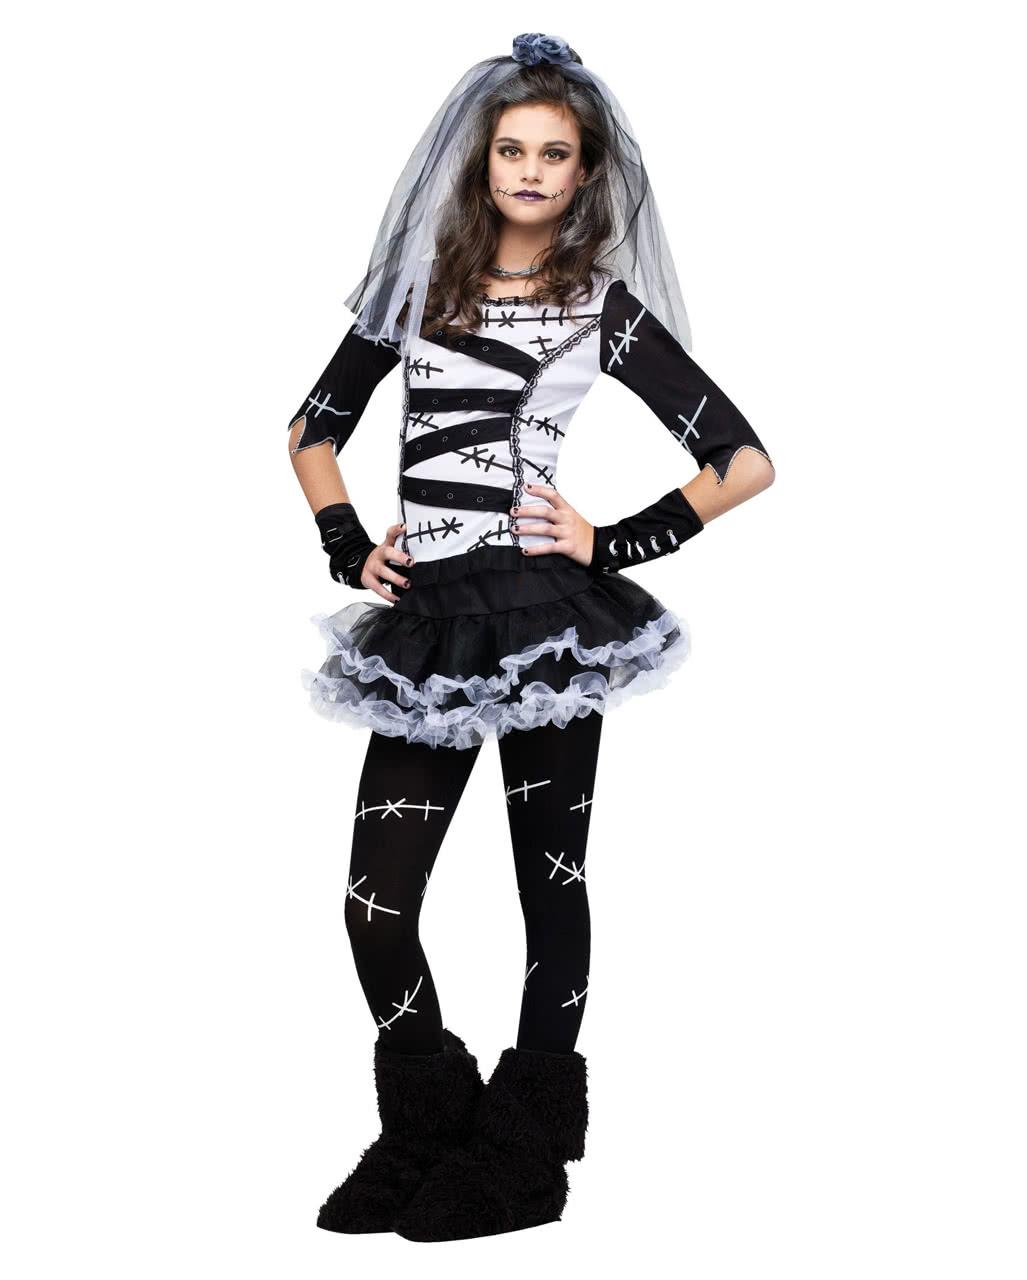 Monsterbraut Teenie Kostum Halloween Teenager Kostum Karneval